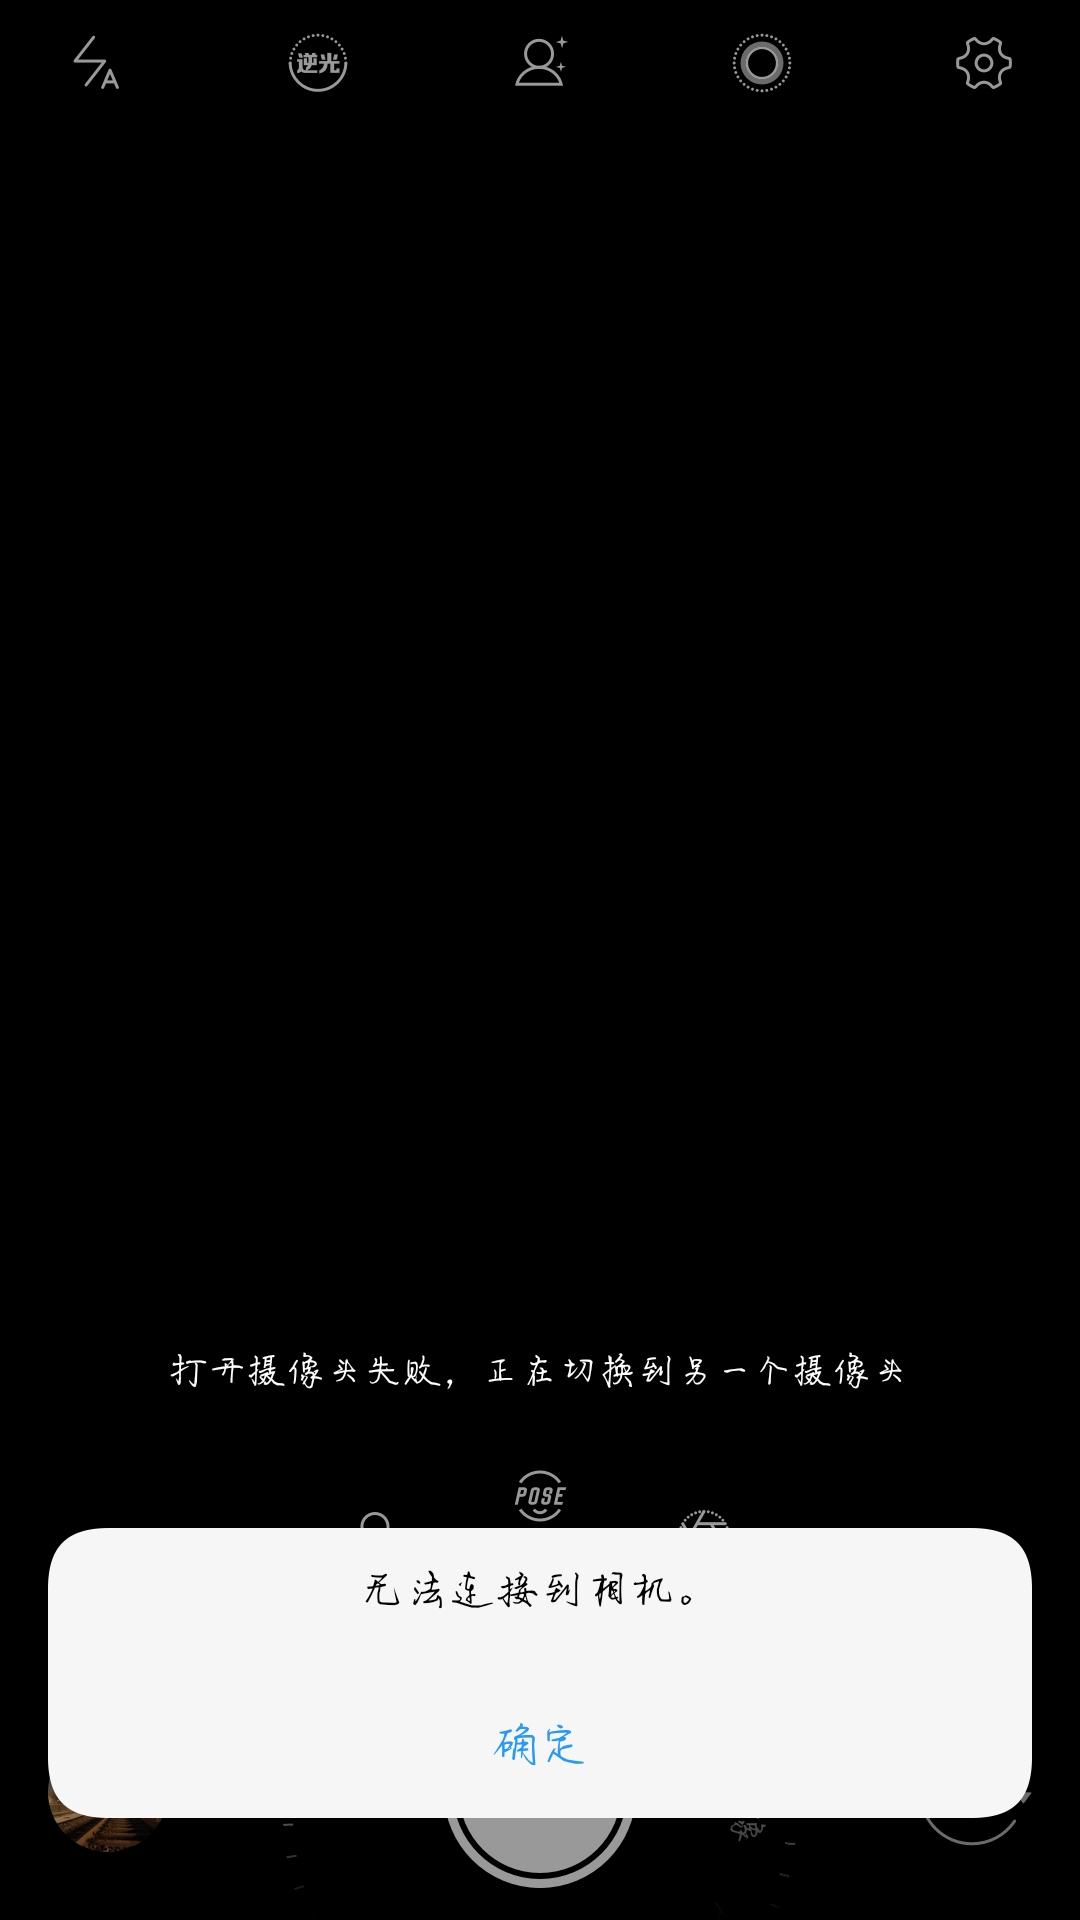 Screenshot_20190414_111112.jpg